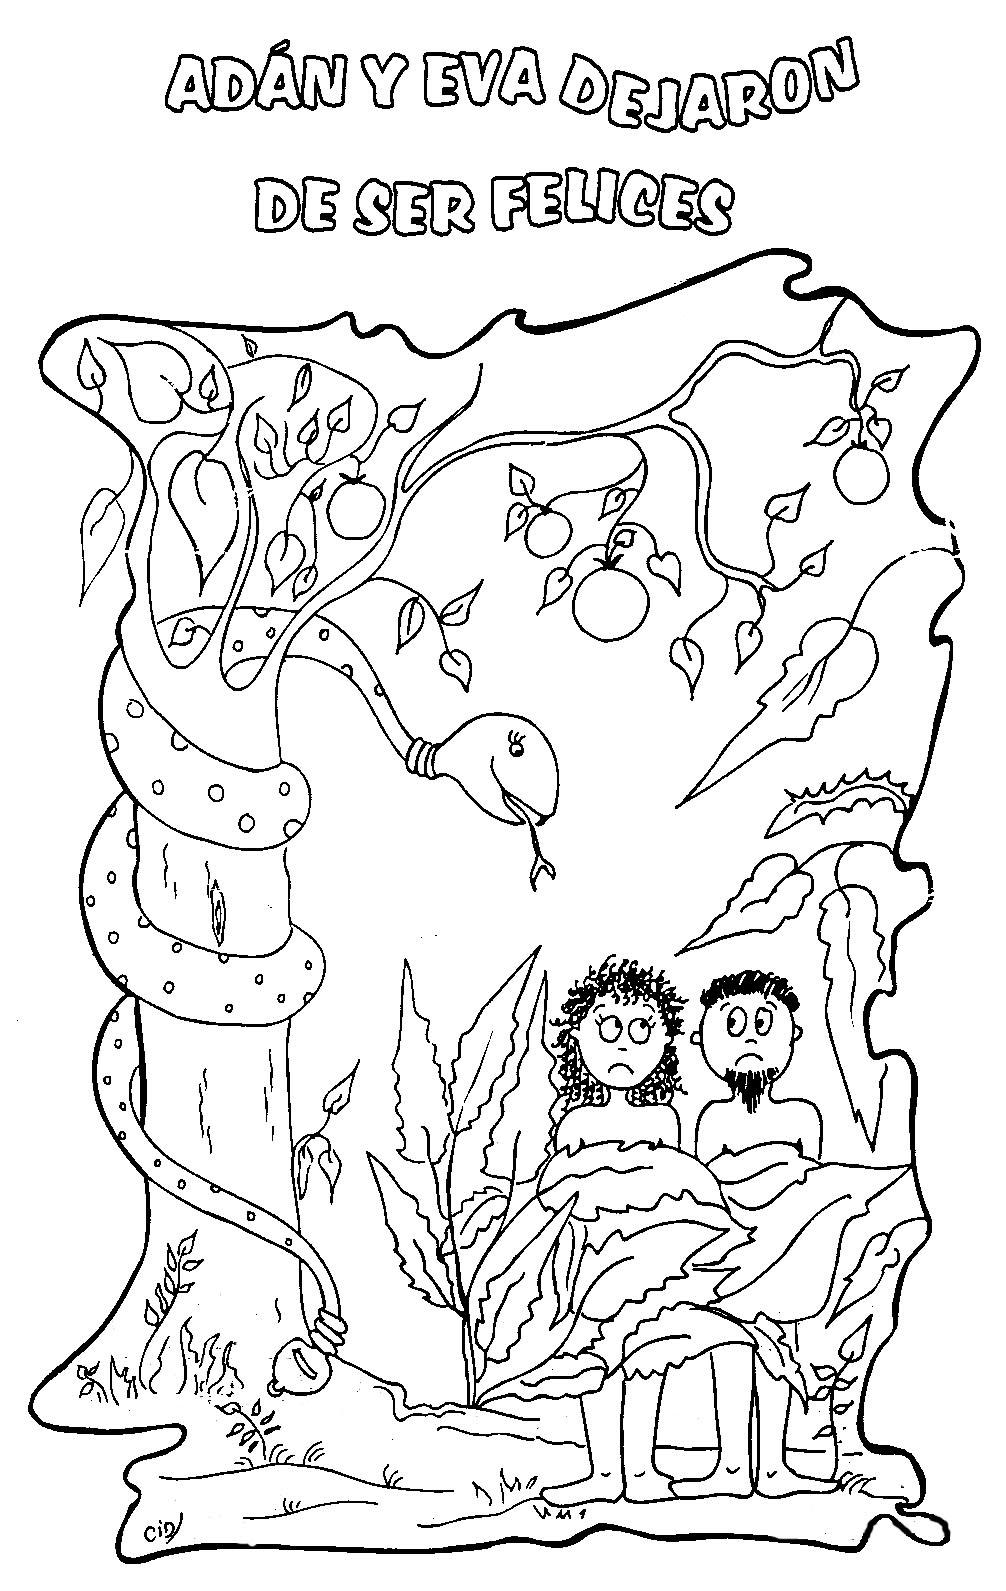 Magnífico Adán Y Eva Colorear Páginas Lds Motivo - Dibujos Para ...